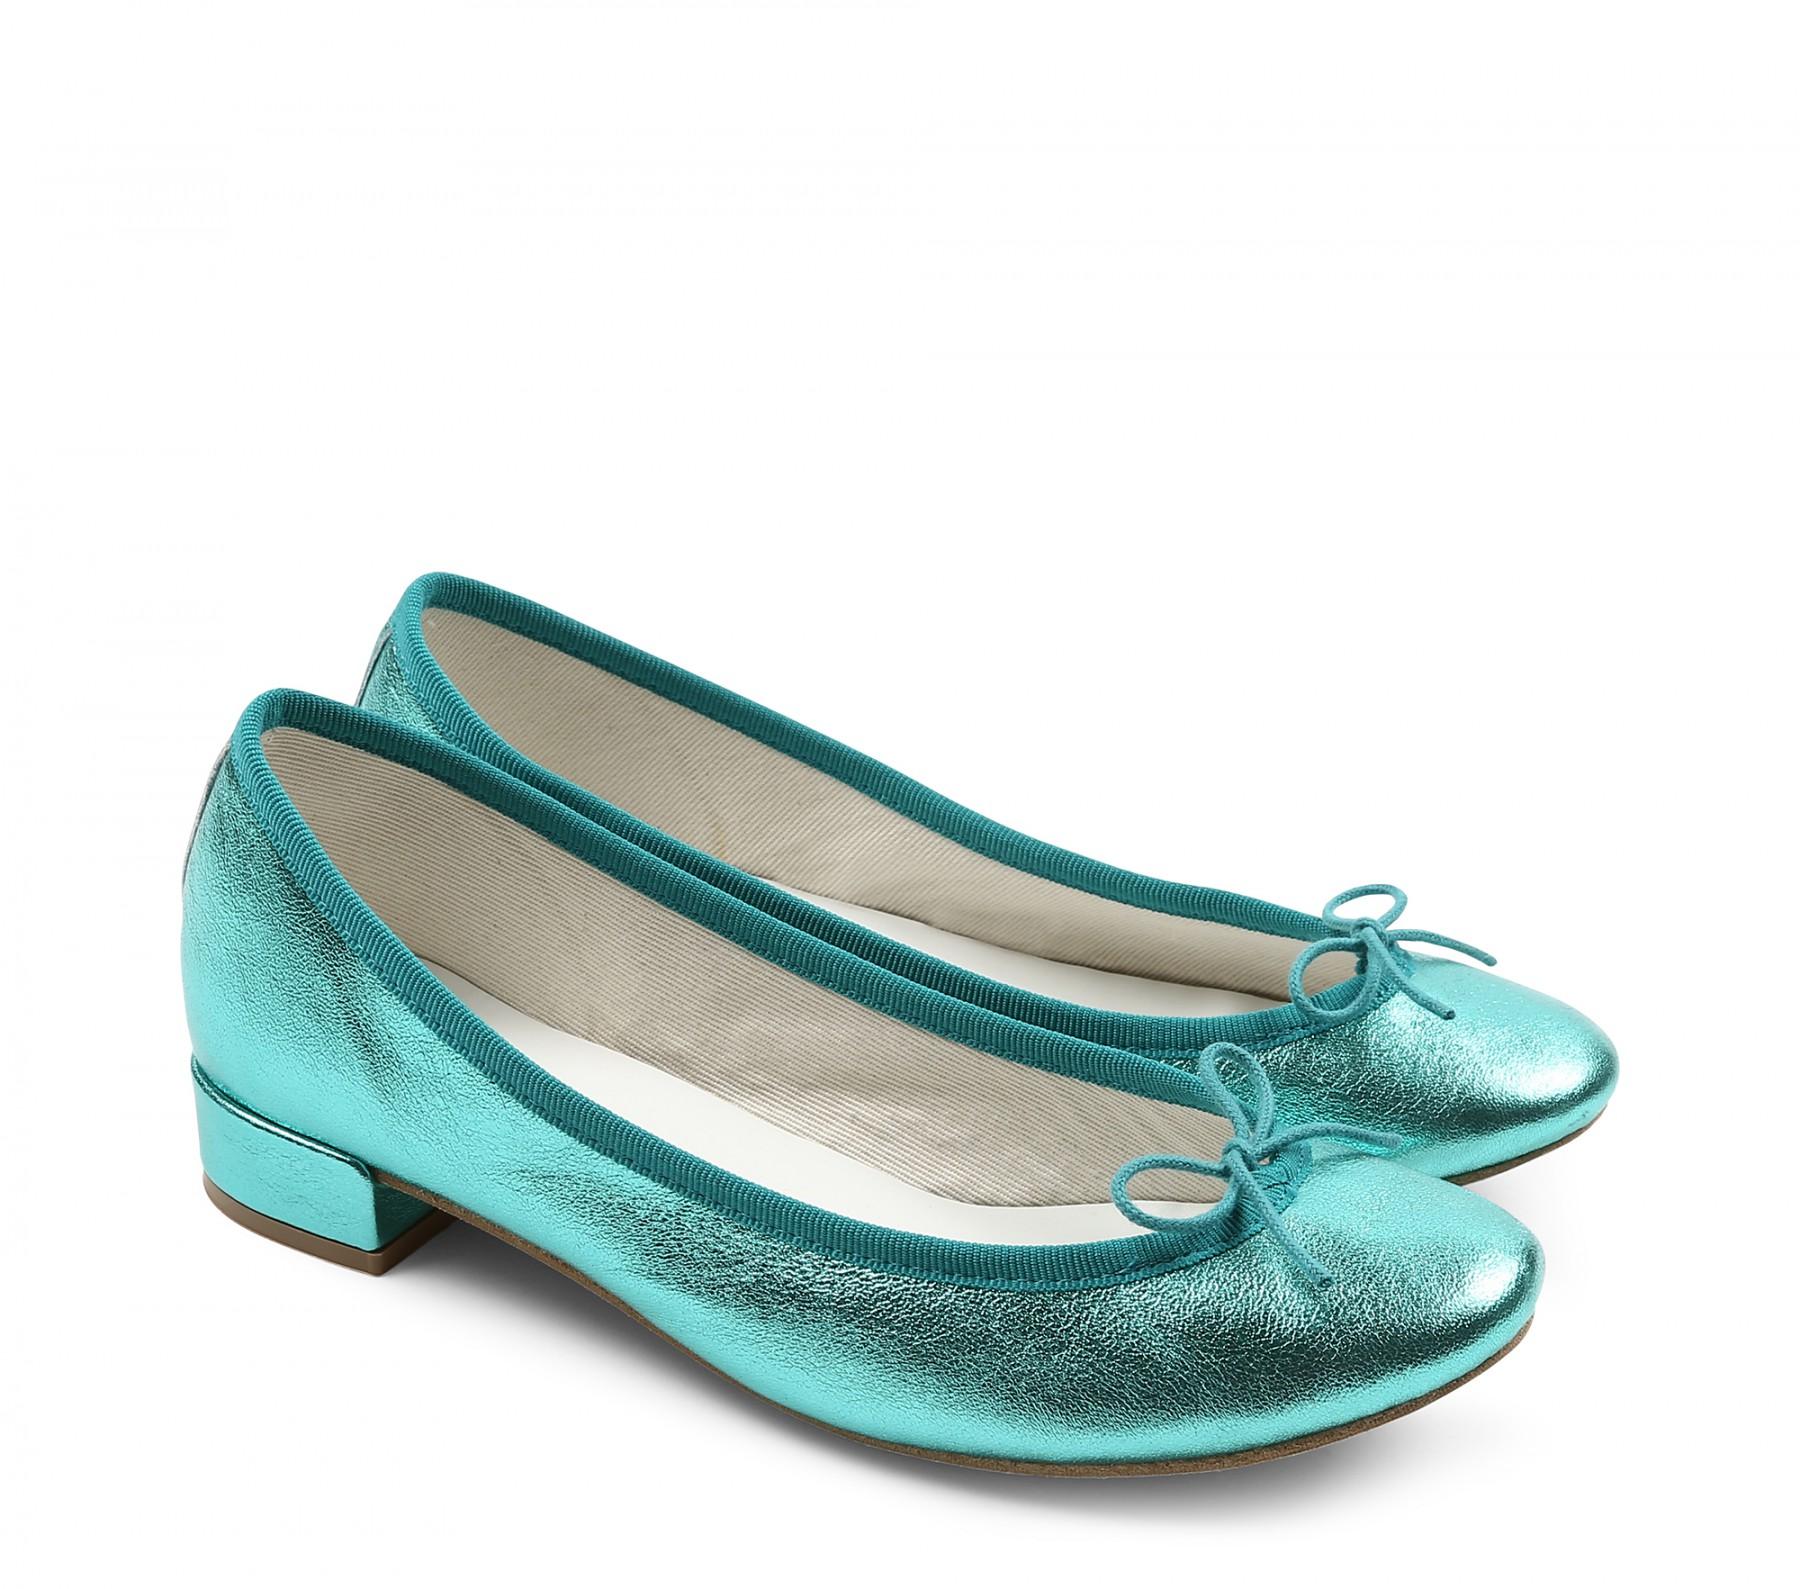 Ballerine Jane Bleu RepettoRepetto 4Rsx68k2u